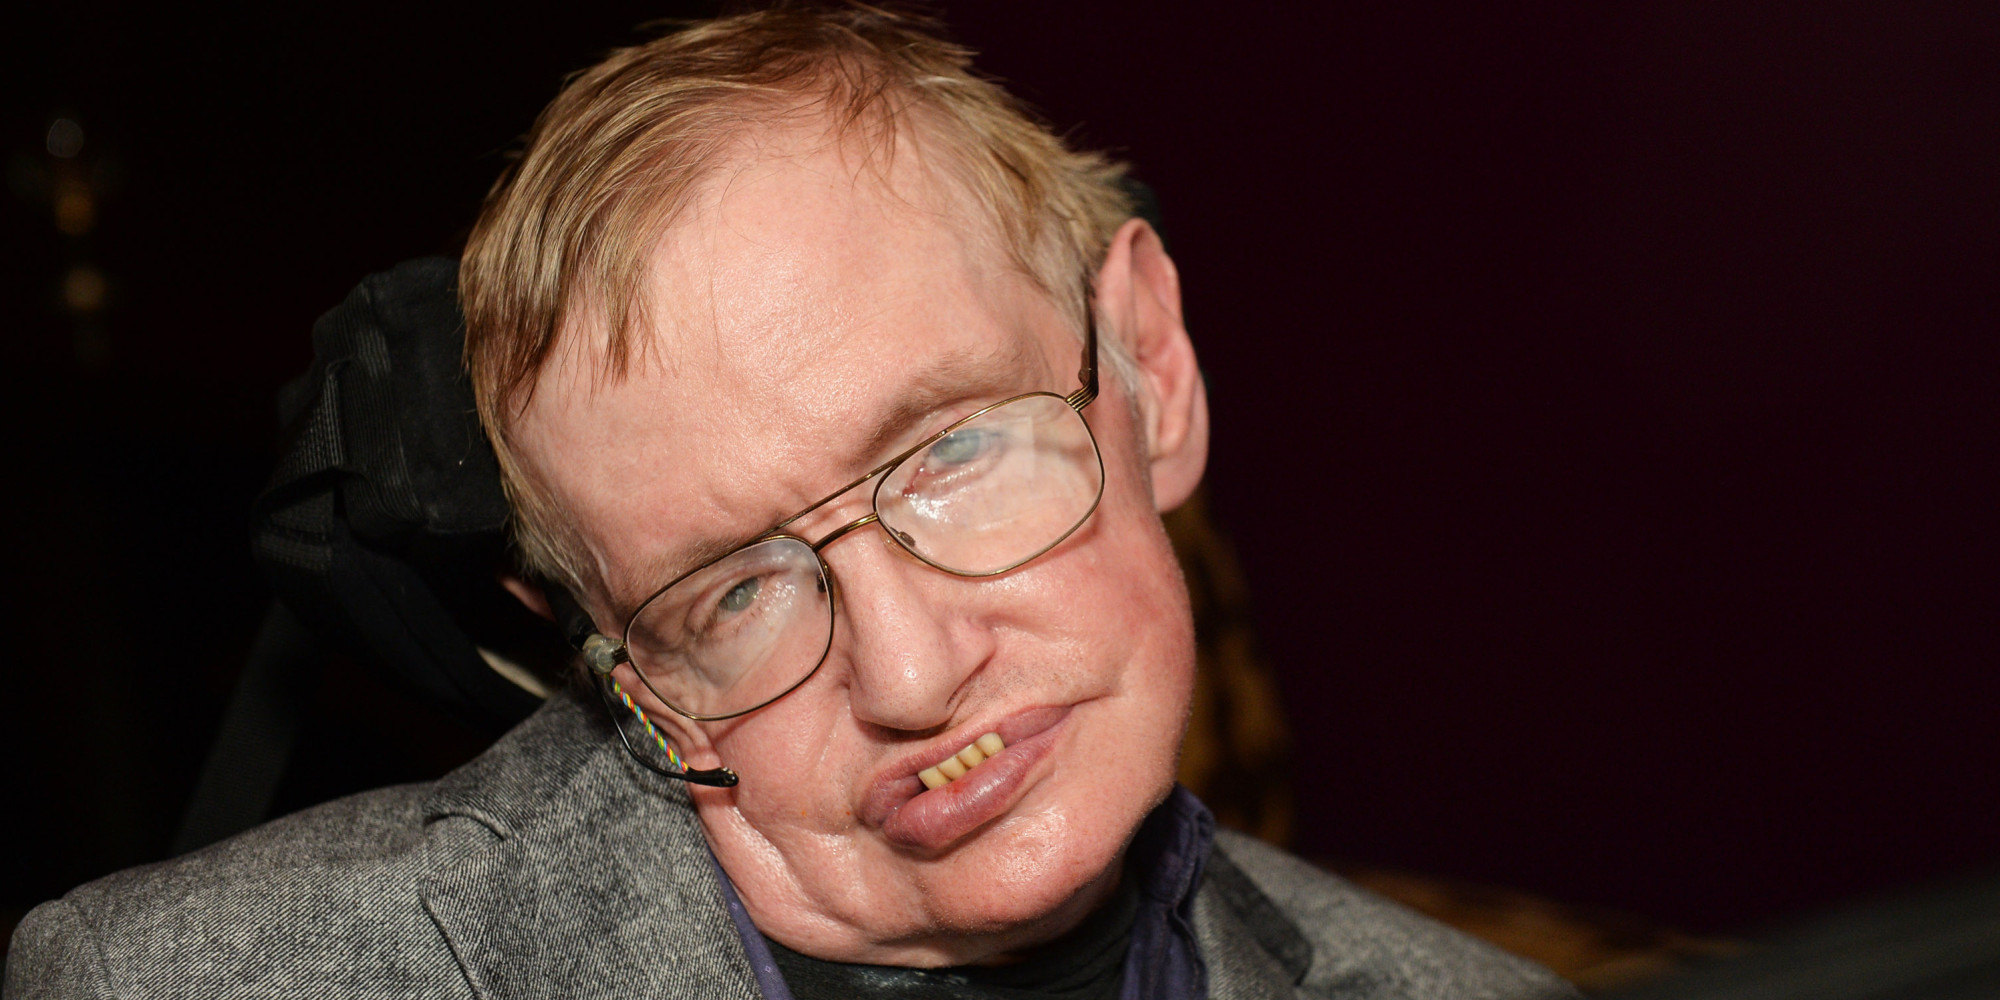 La thèse de Hawking rend inaccessible le site de l'Université de Cambridge